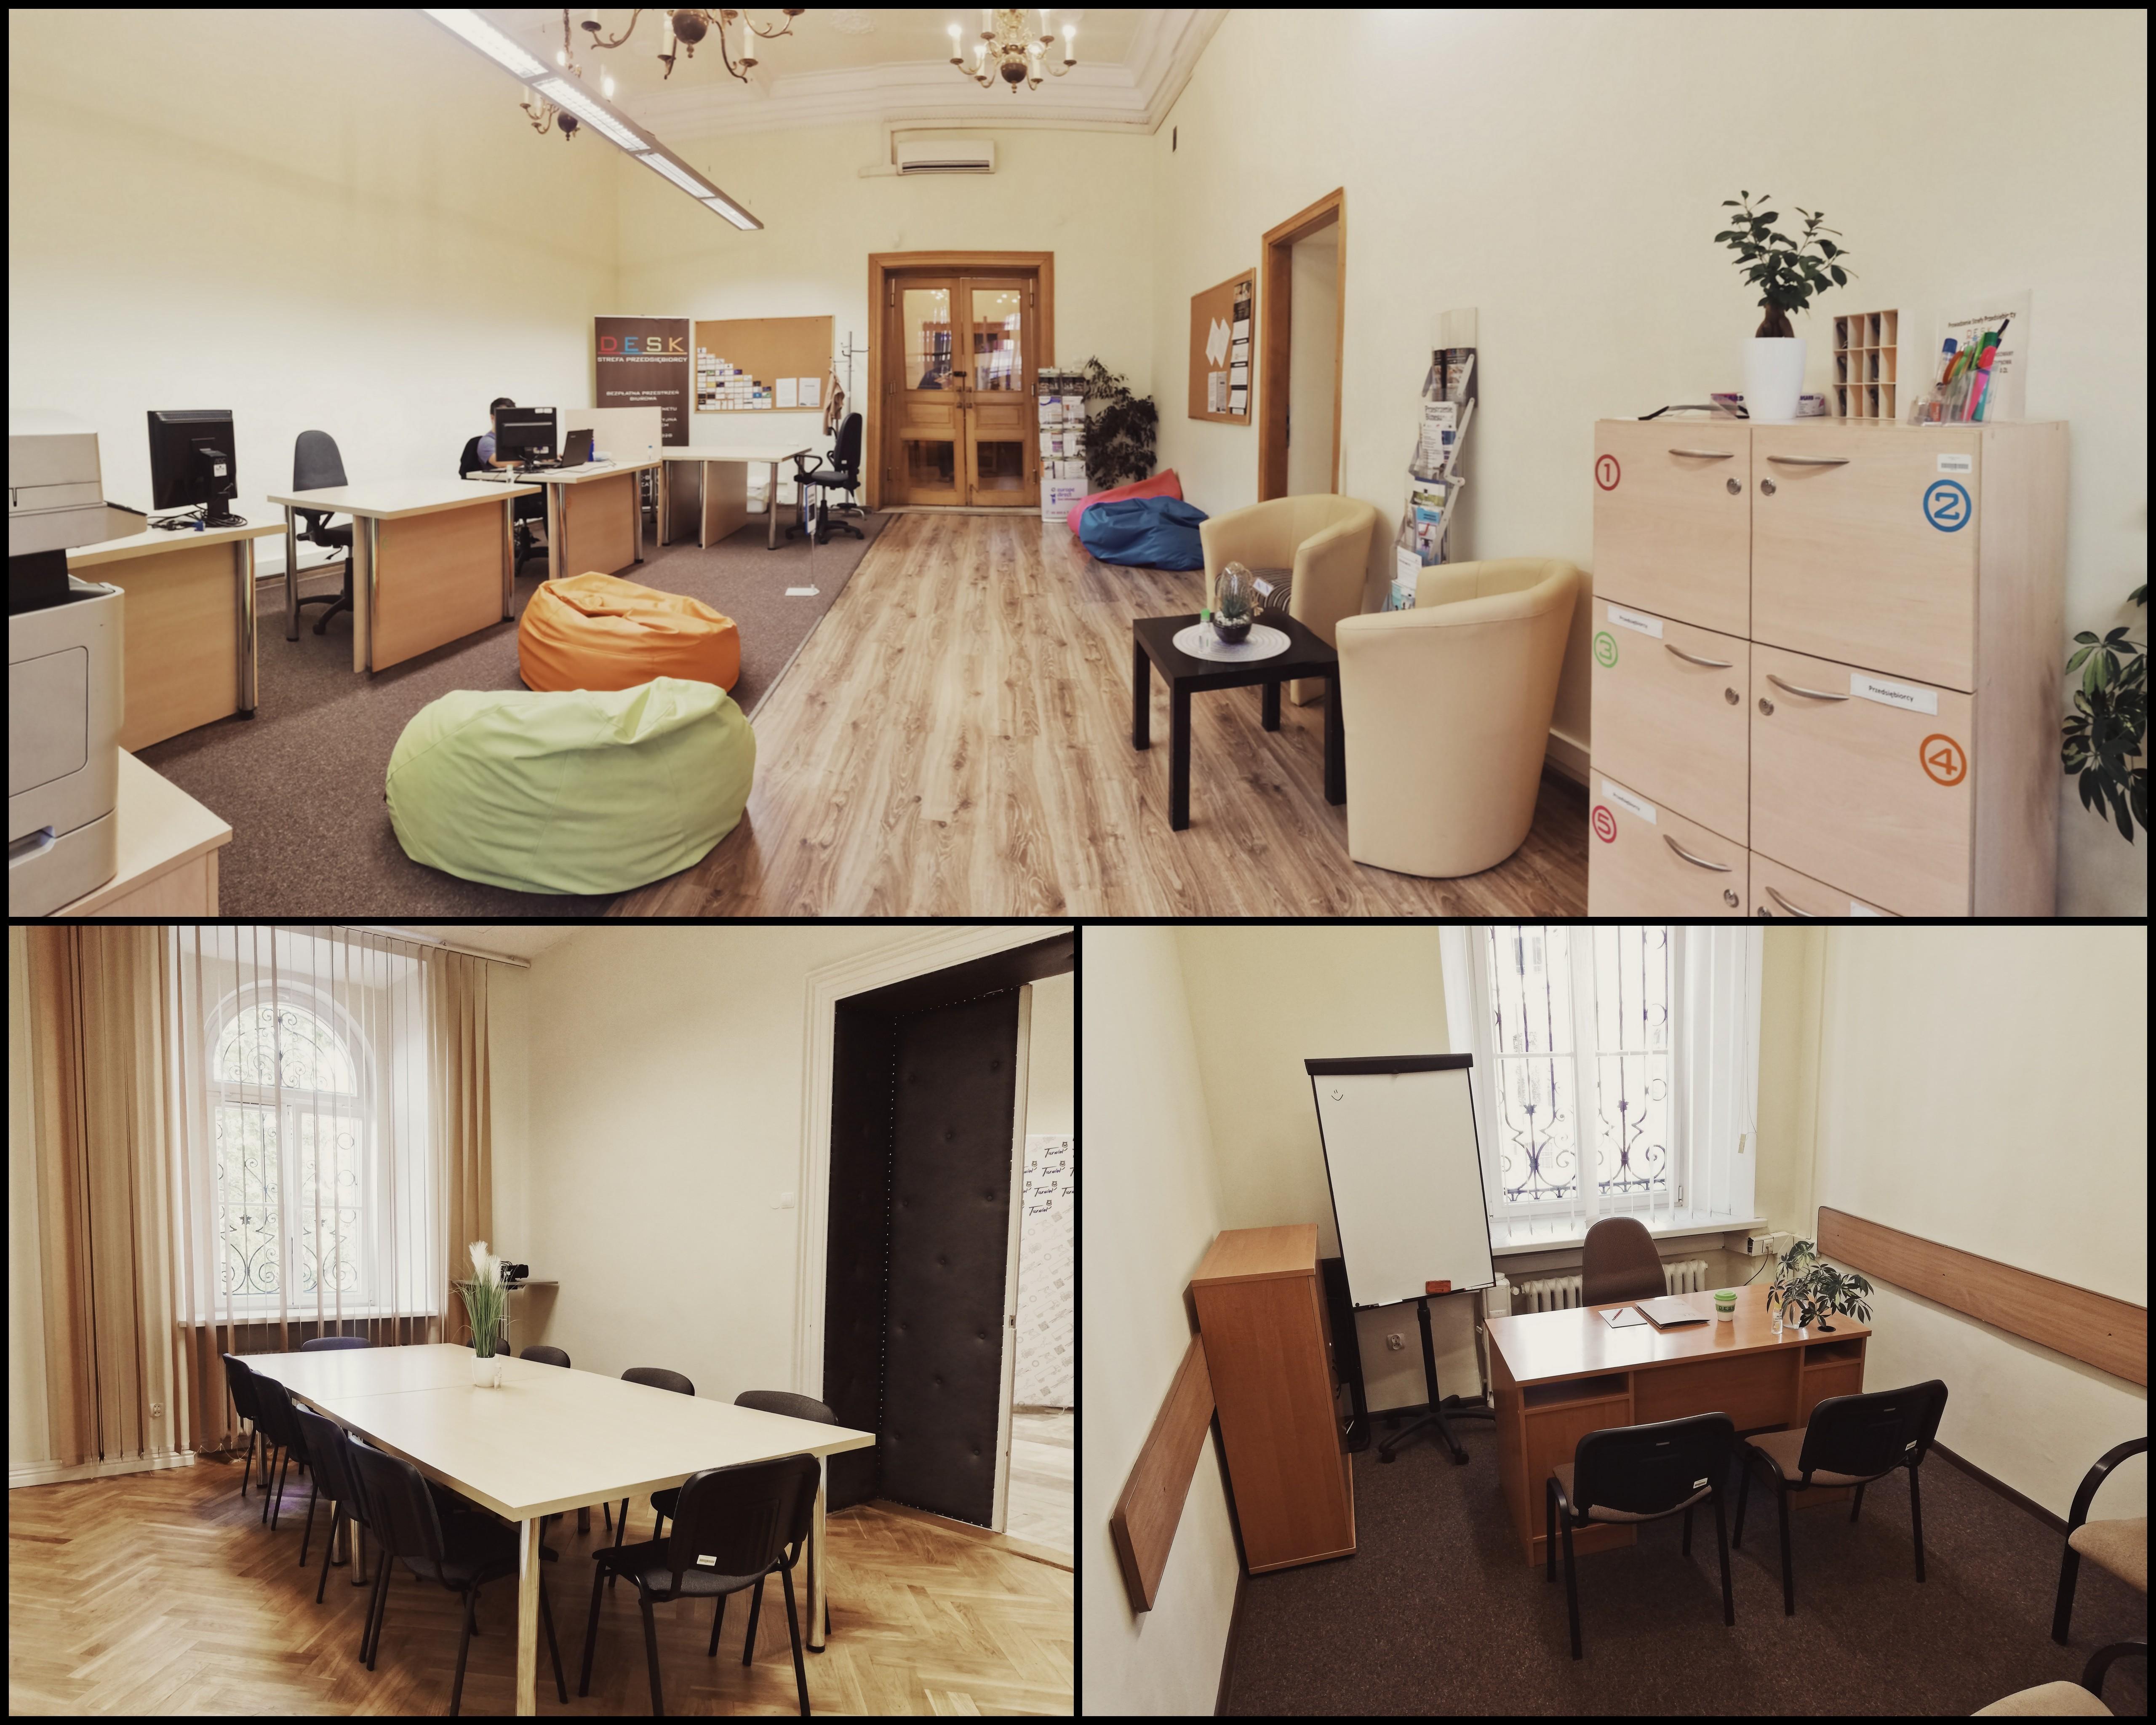 Sala szkoleniowa, miejsce do pracy i spotkań-BEZPŁATNIE Tarnów